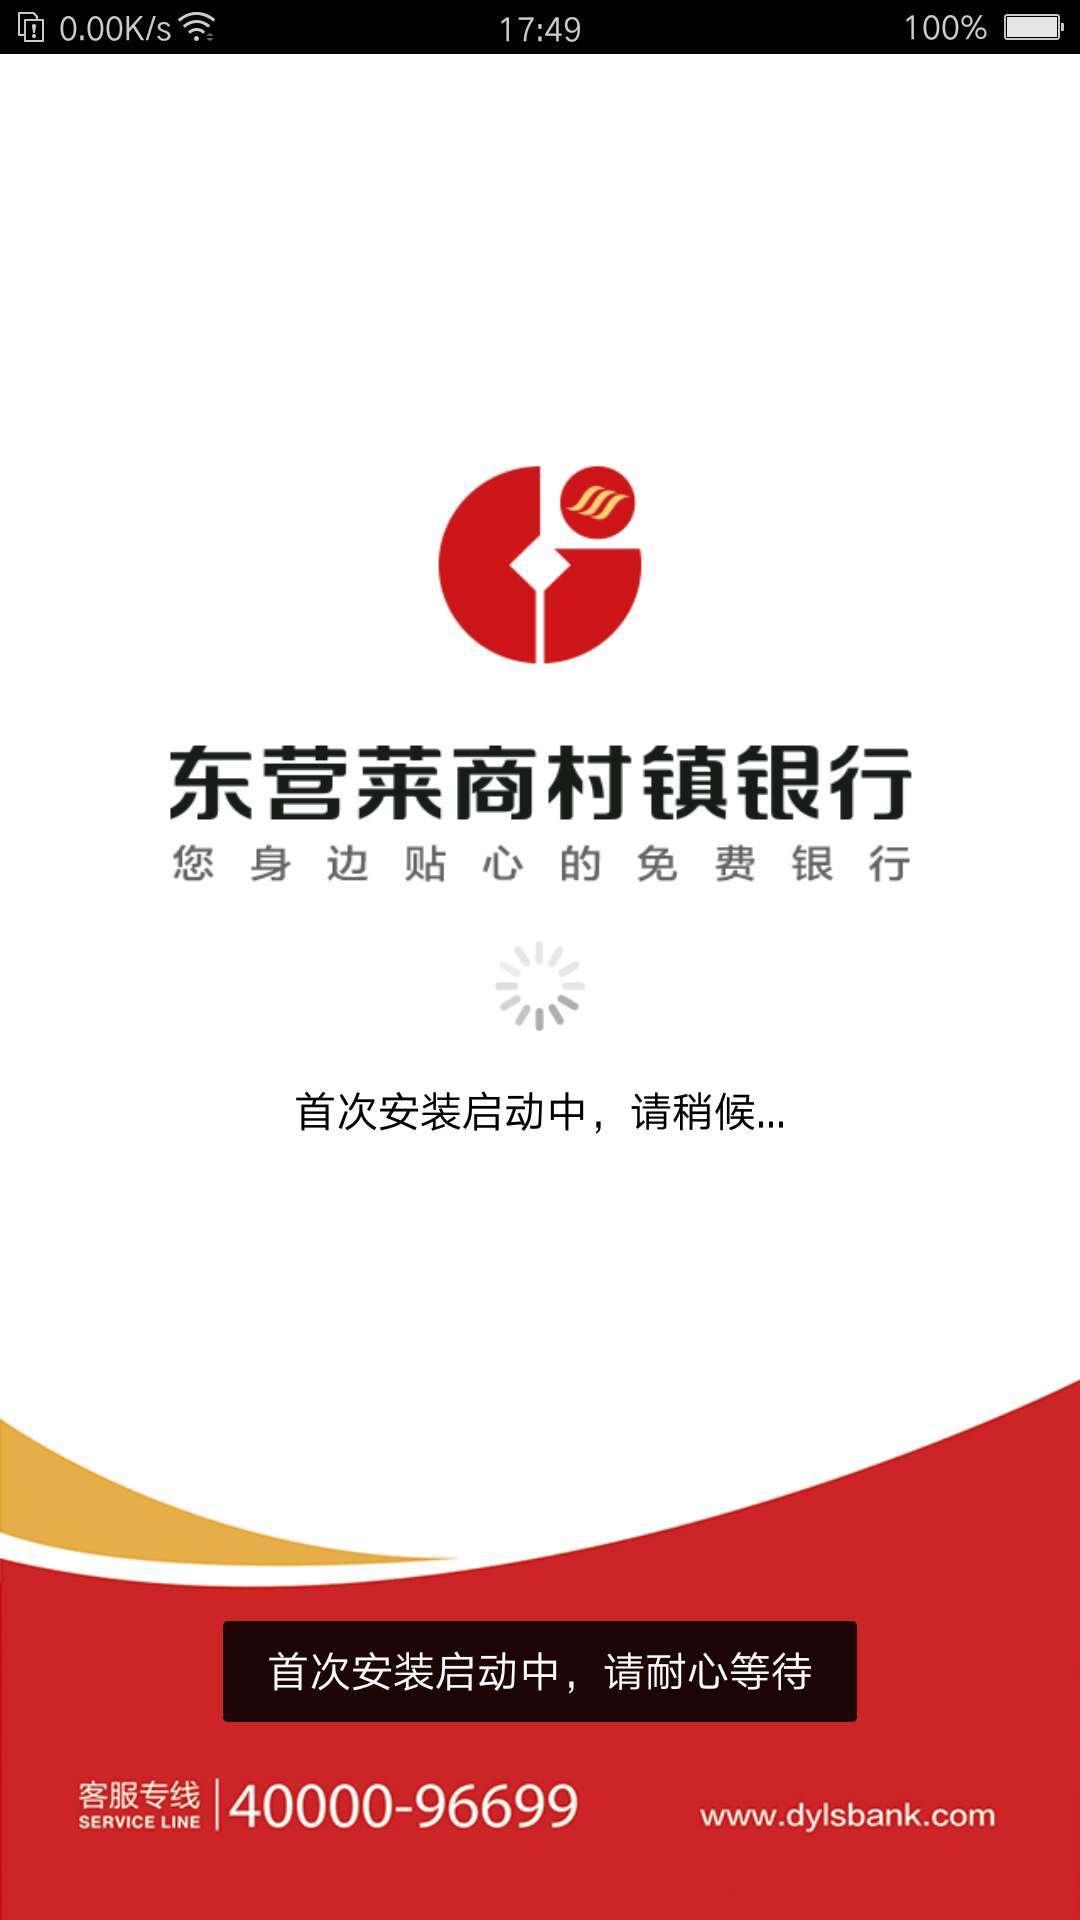 东营莱商村镇银行软件截图0